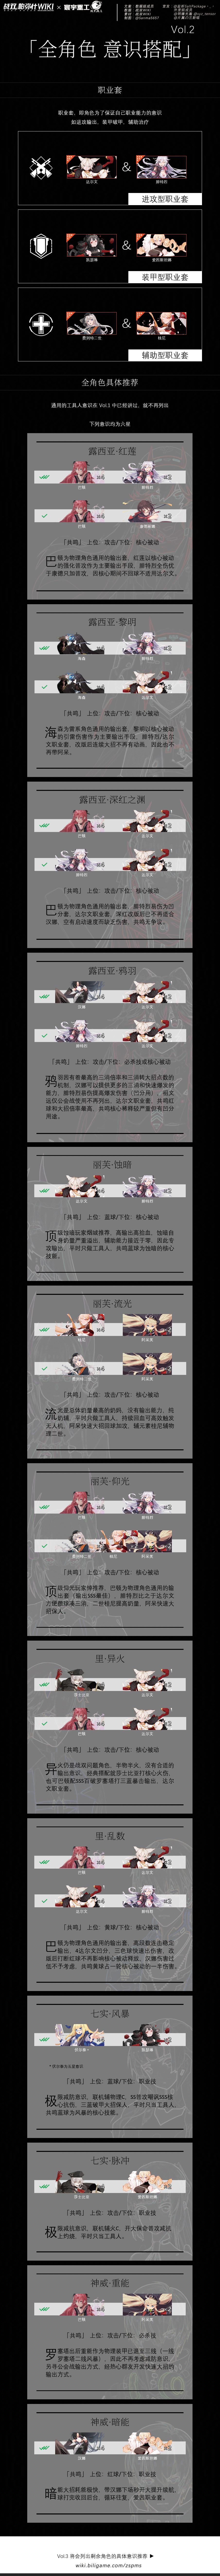 全角色意识搭配Vol.2.png